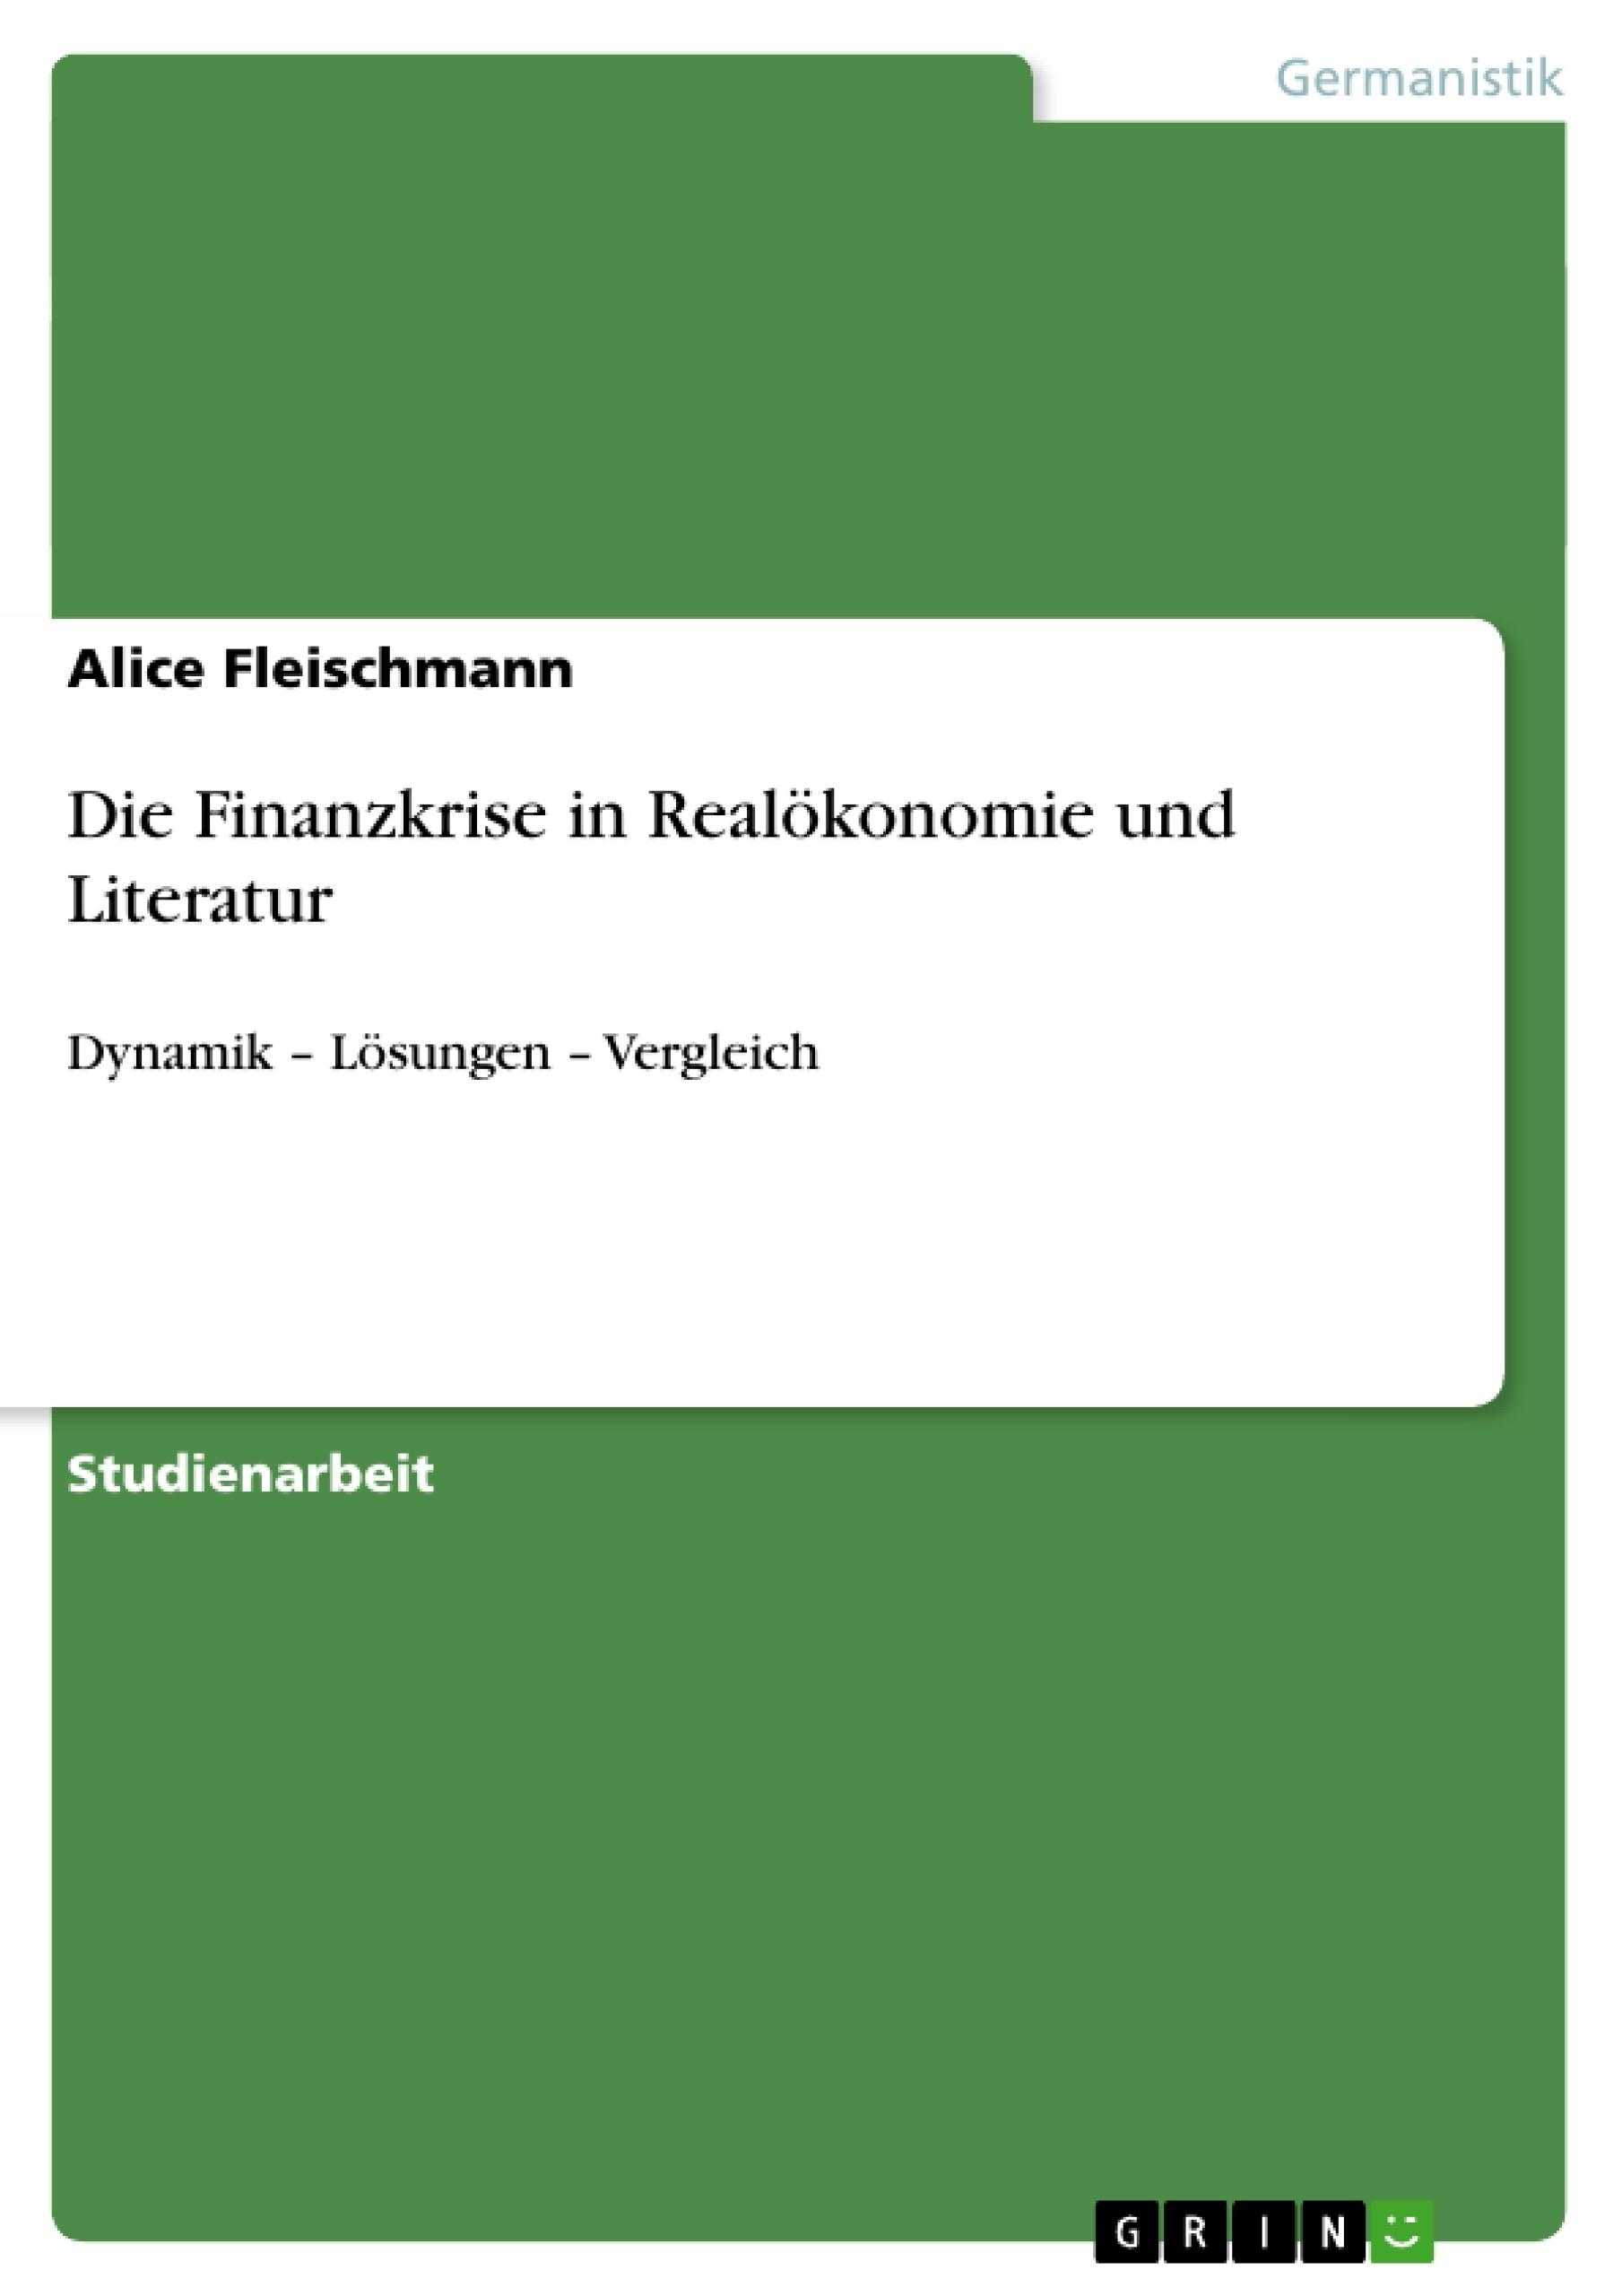 Titel: Die Finanzkrise in Realökonomie und Literatur